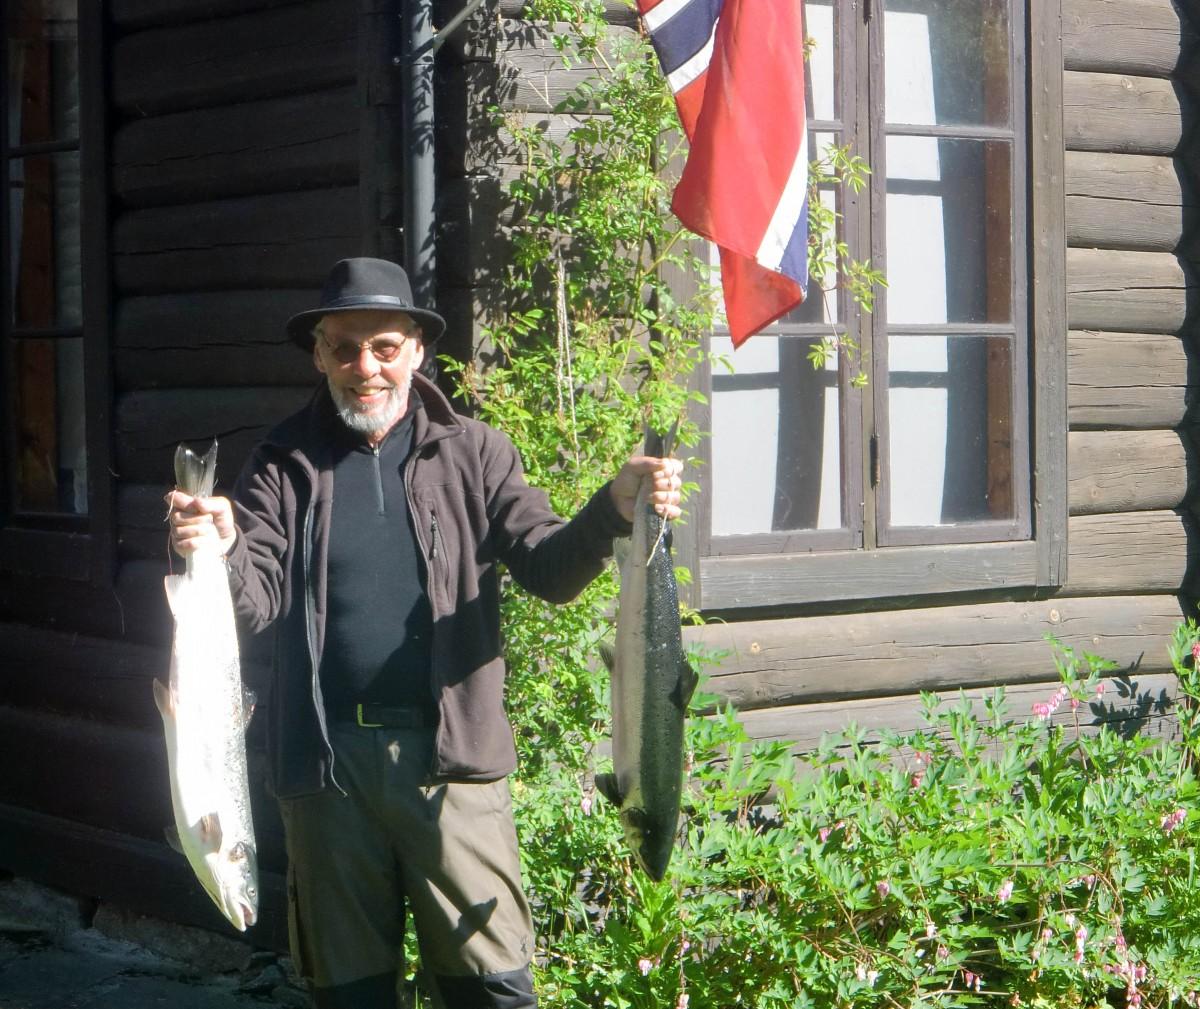 Den glade laks frå Vågland - Johan Nygård sikret seg to fine laksr første natta.  Foto: Eric Malling/Todalshytta.